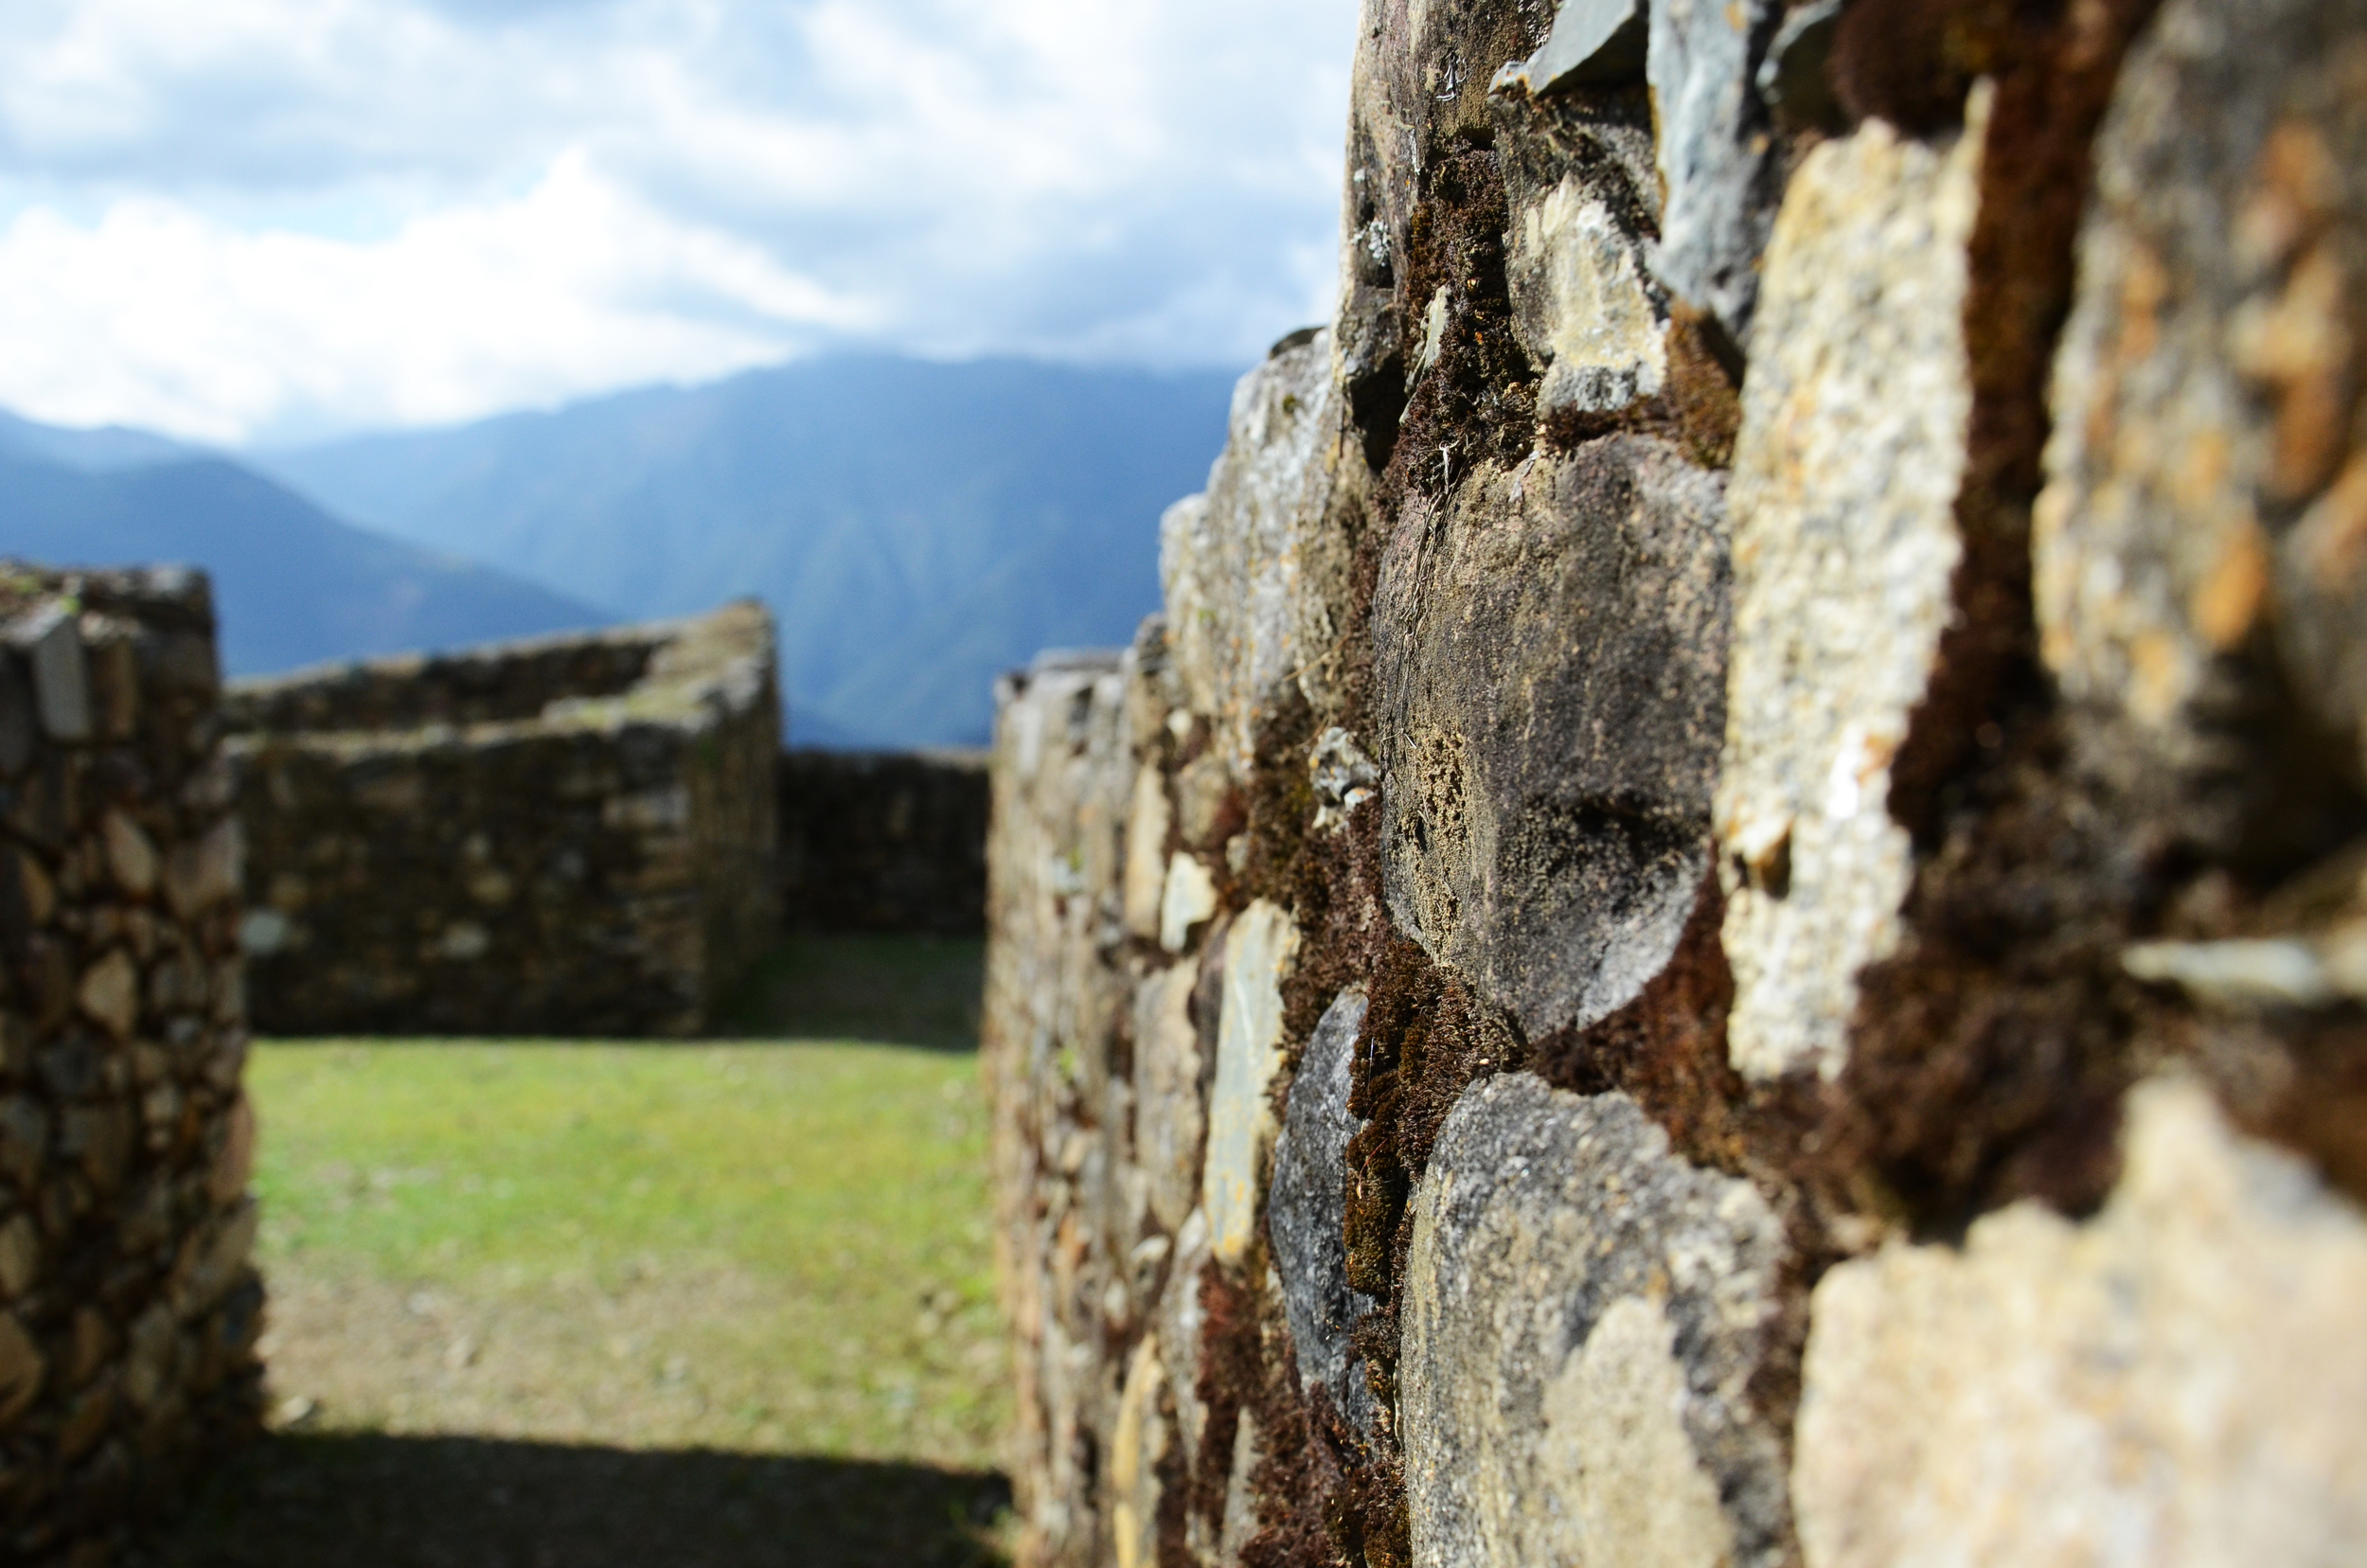 Vitcos-Rosaspata ruins